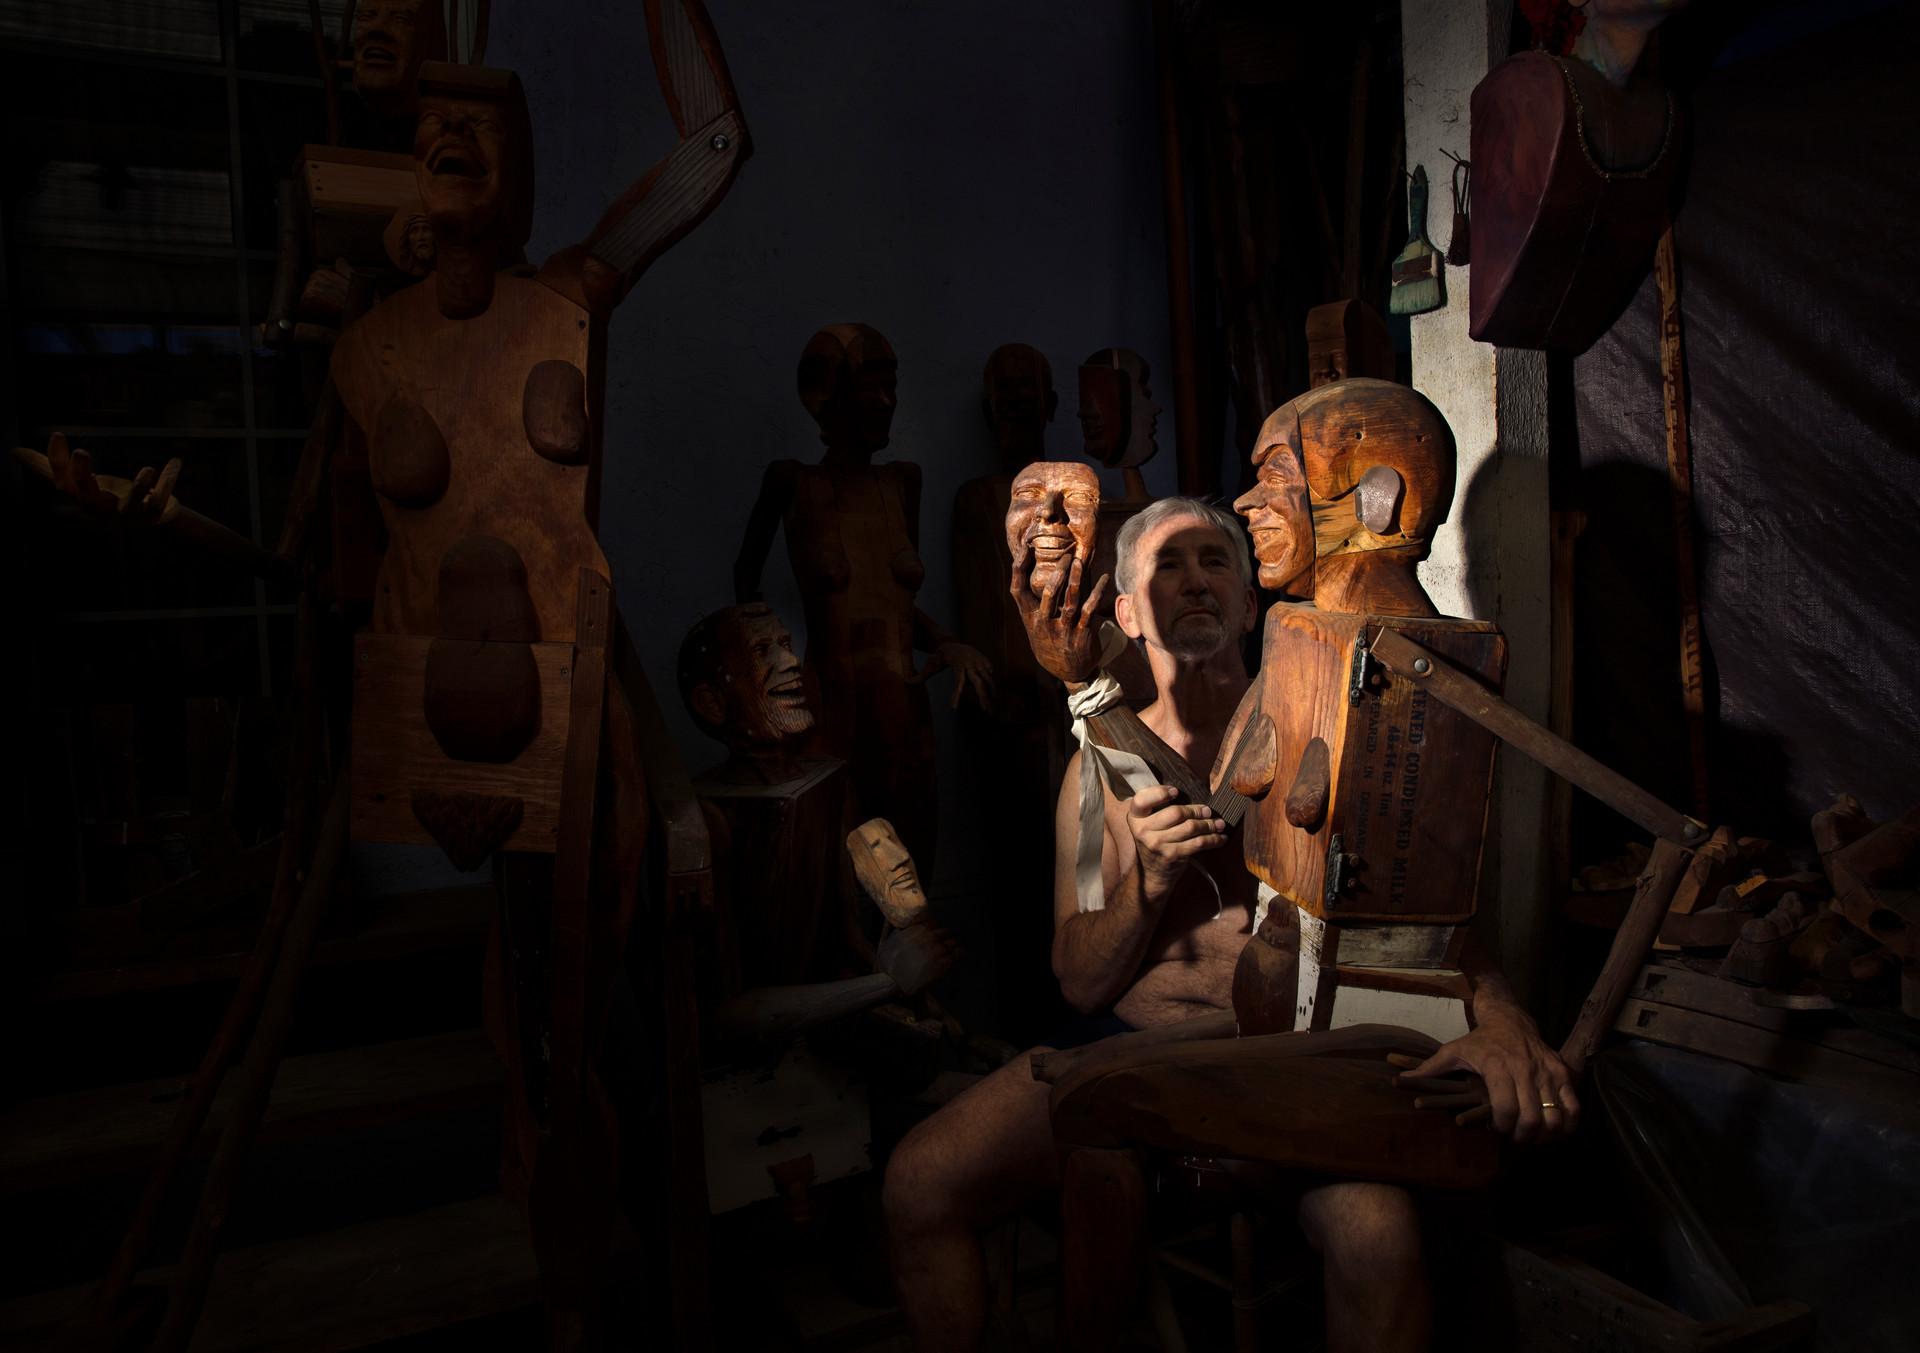 Peter Langenbach/Sculptor